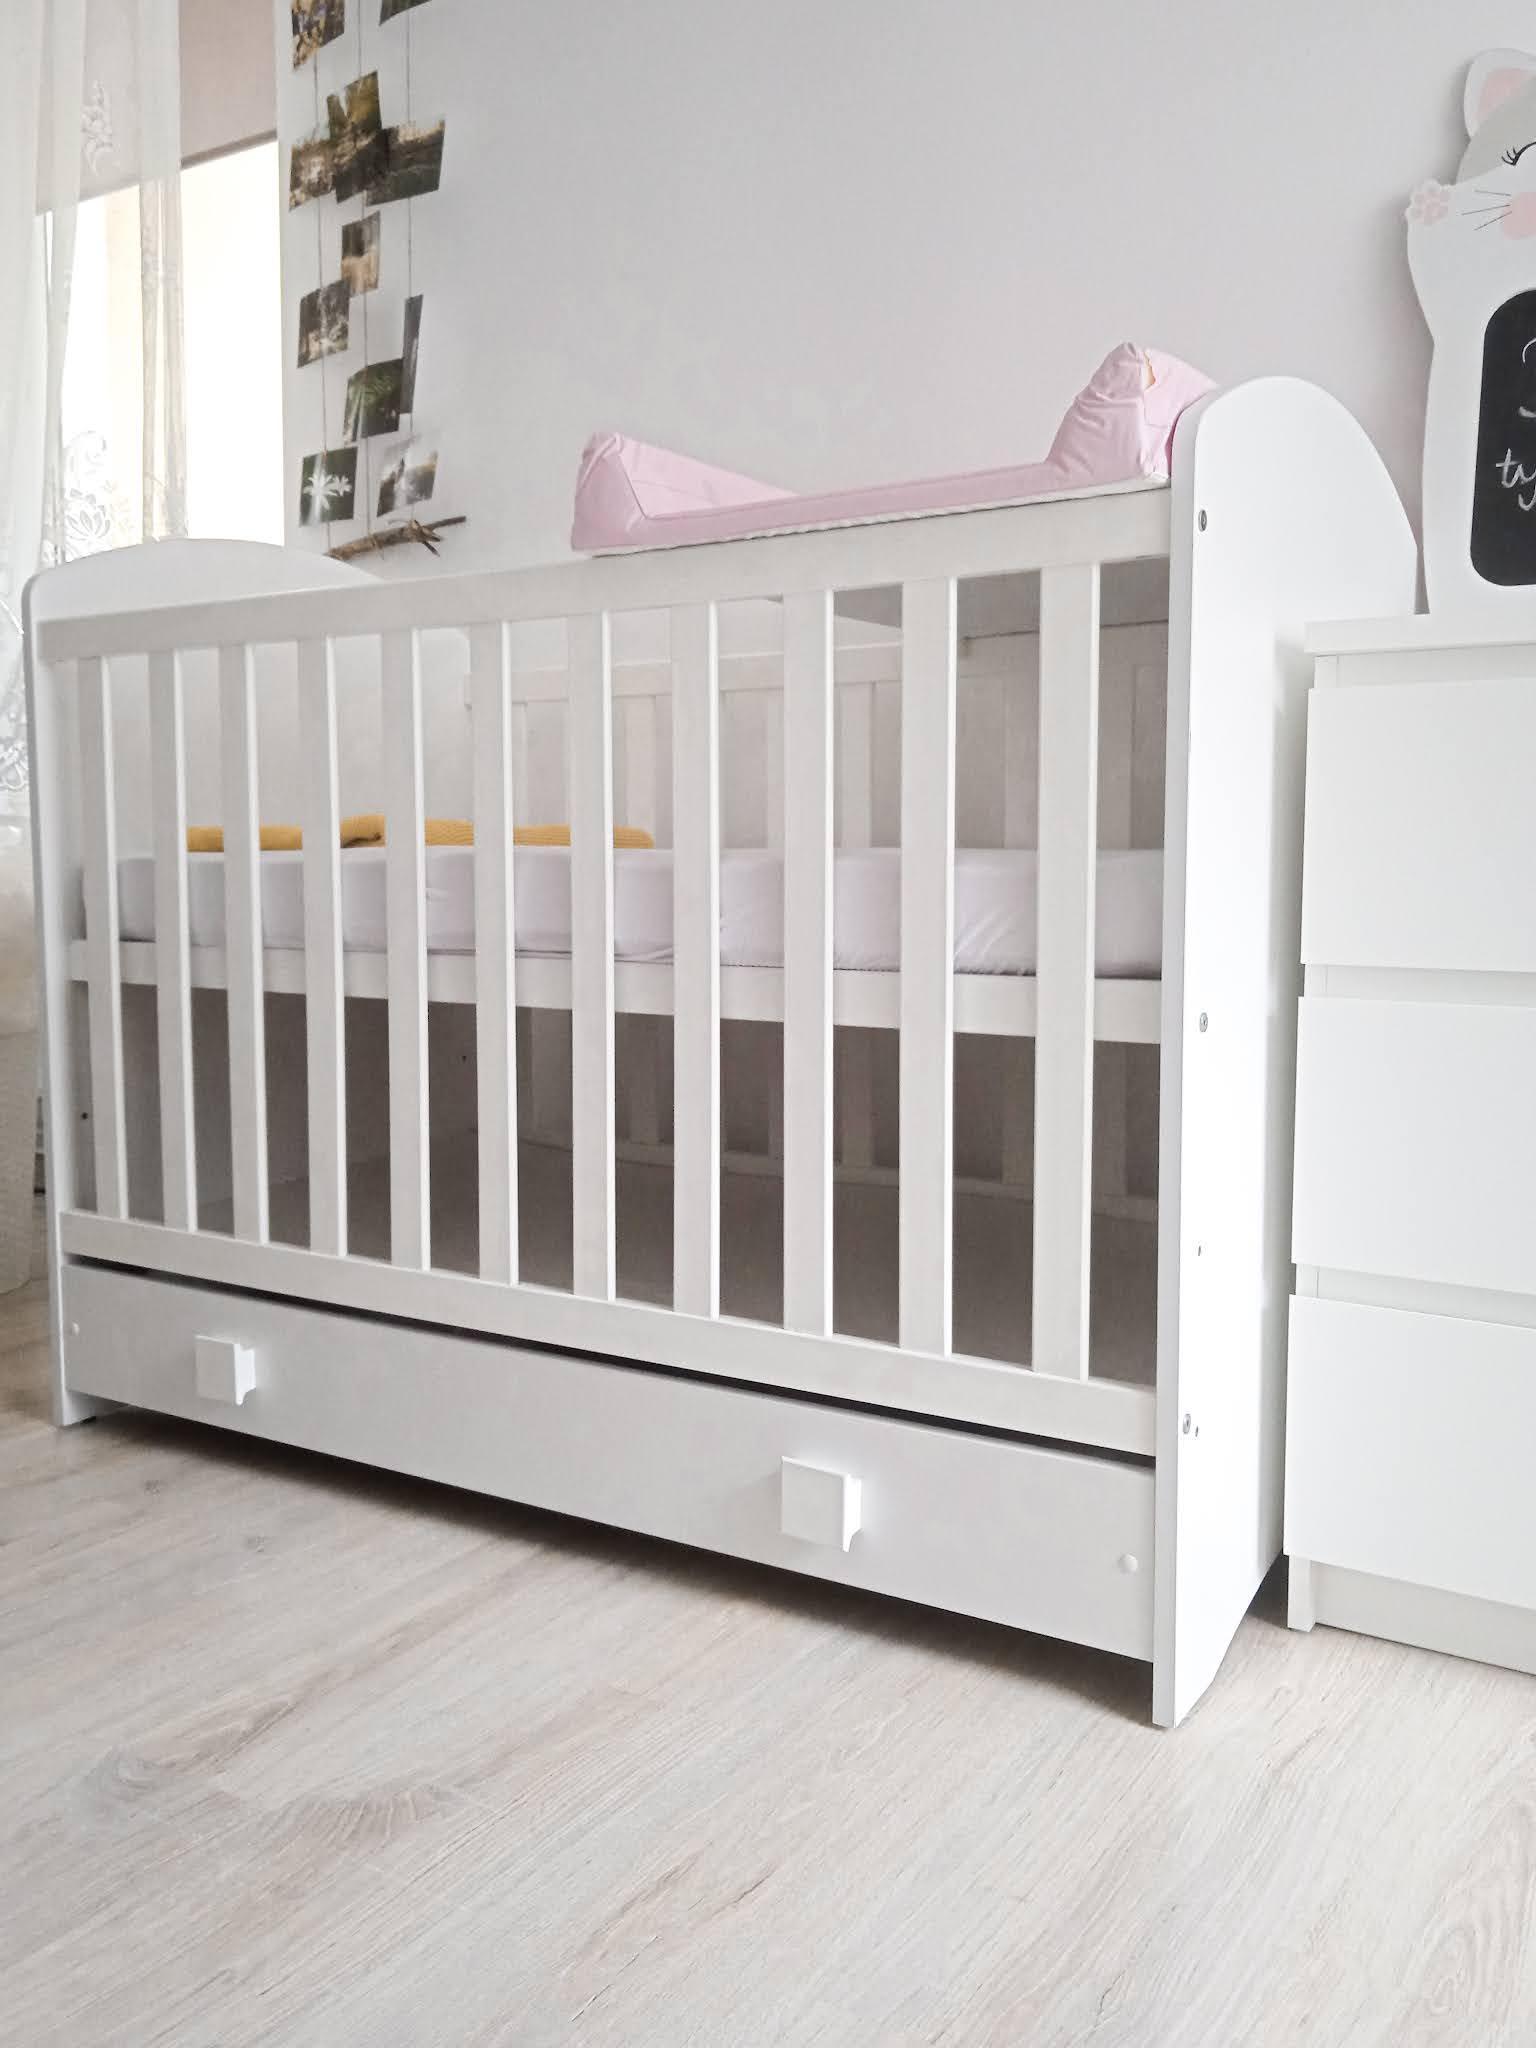 tanie i dobre łóżecko dla noworodka